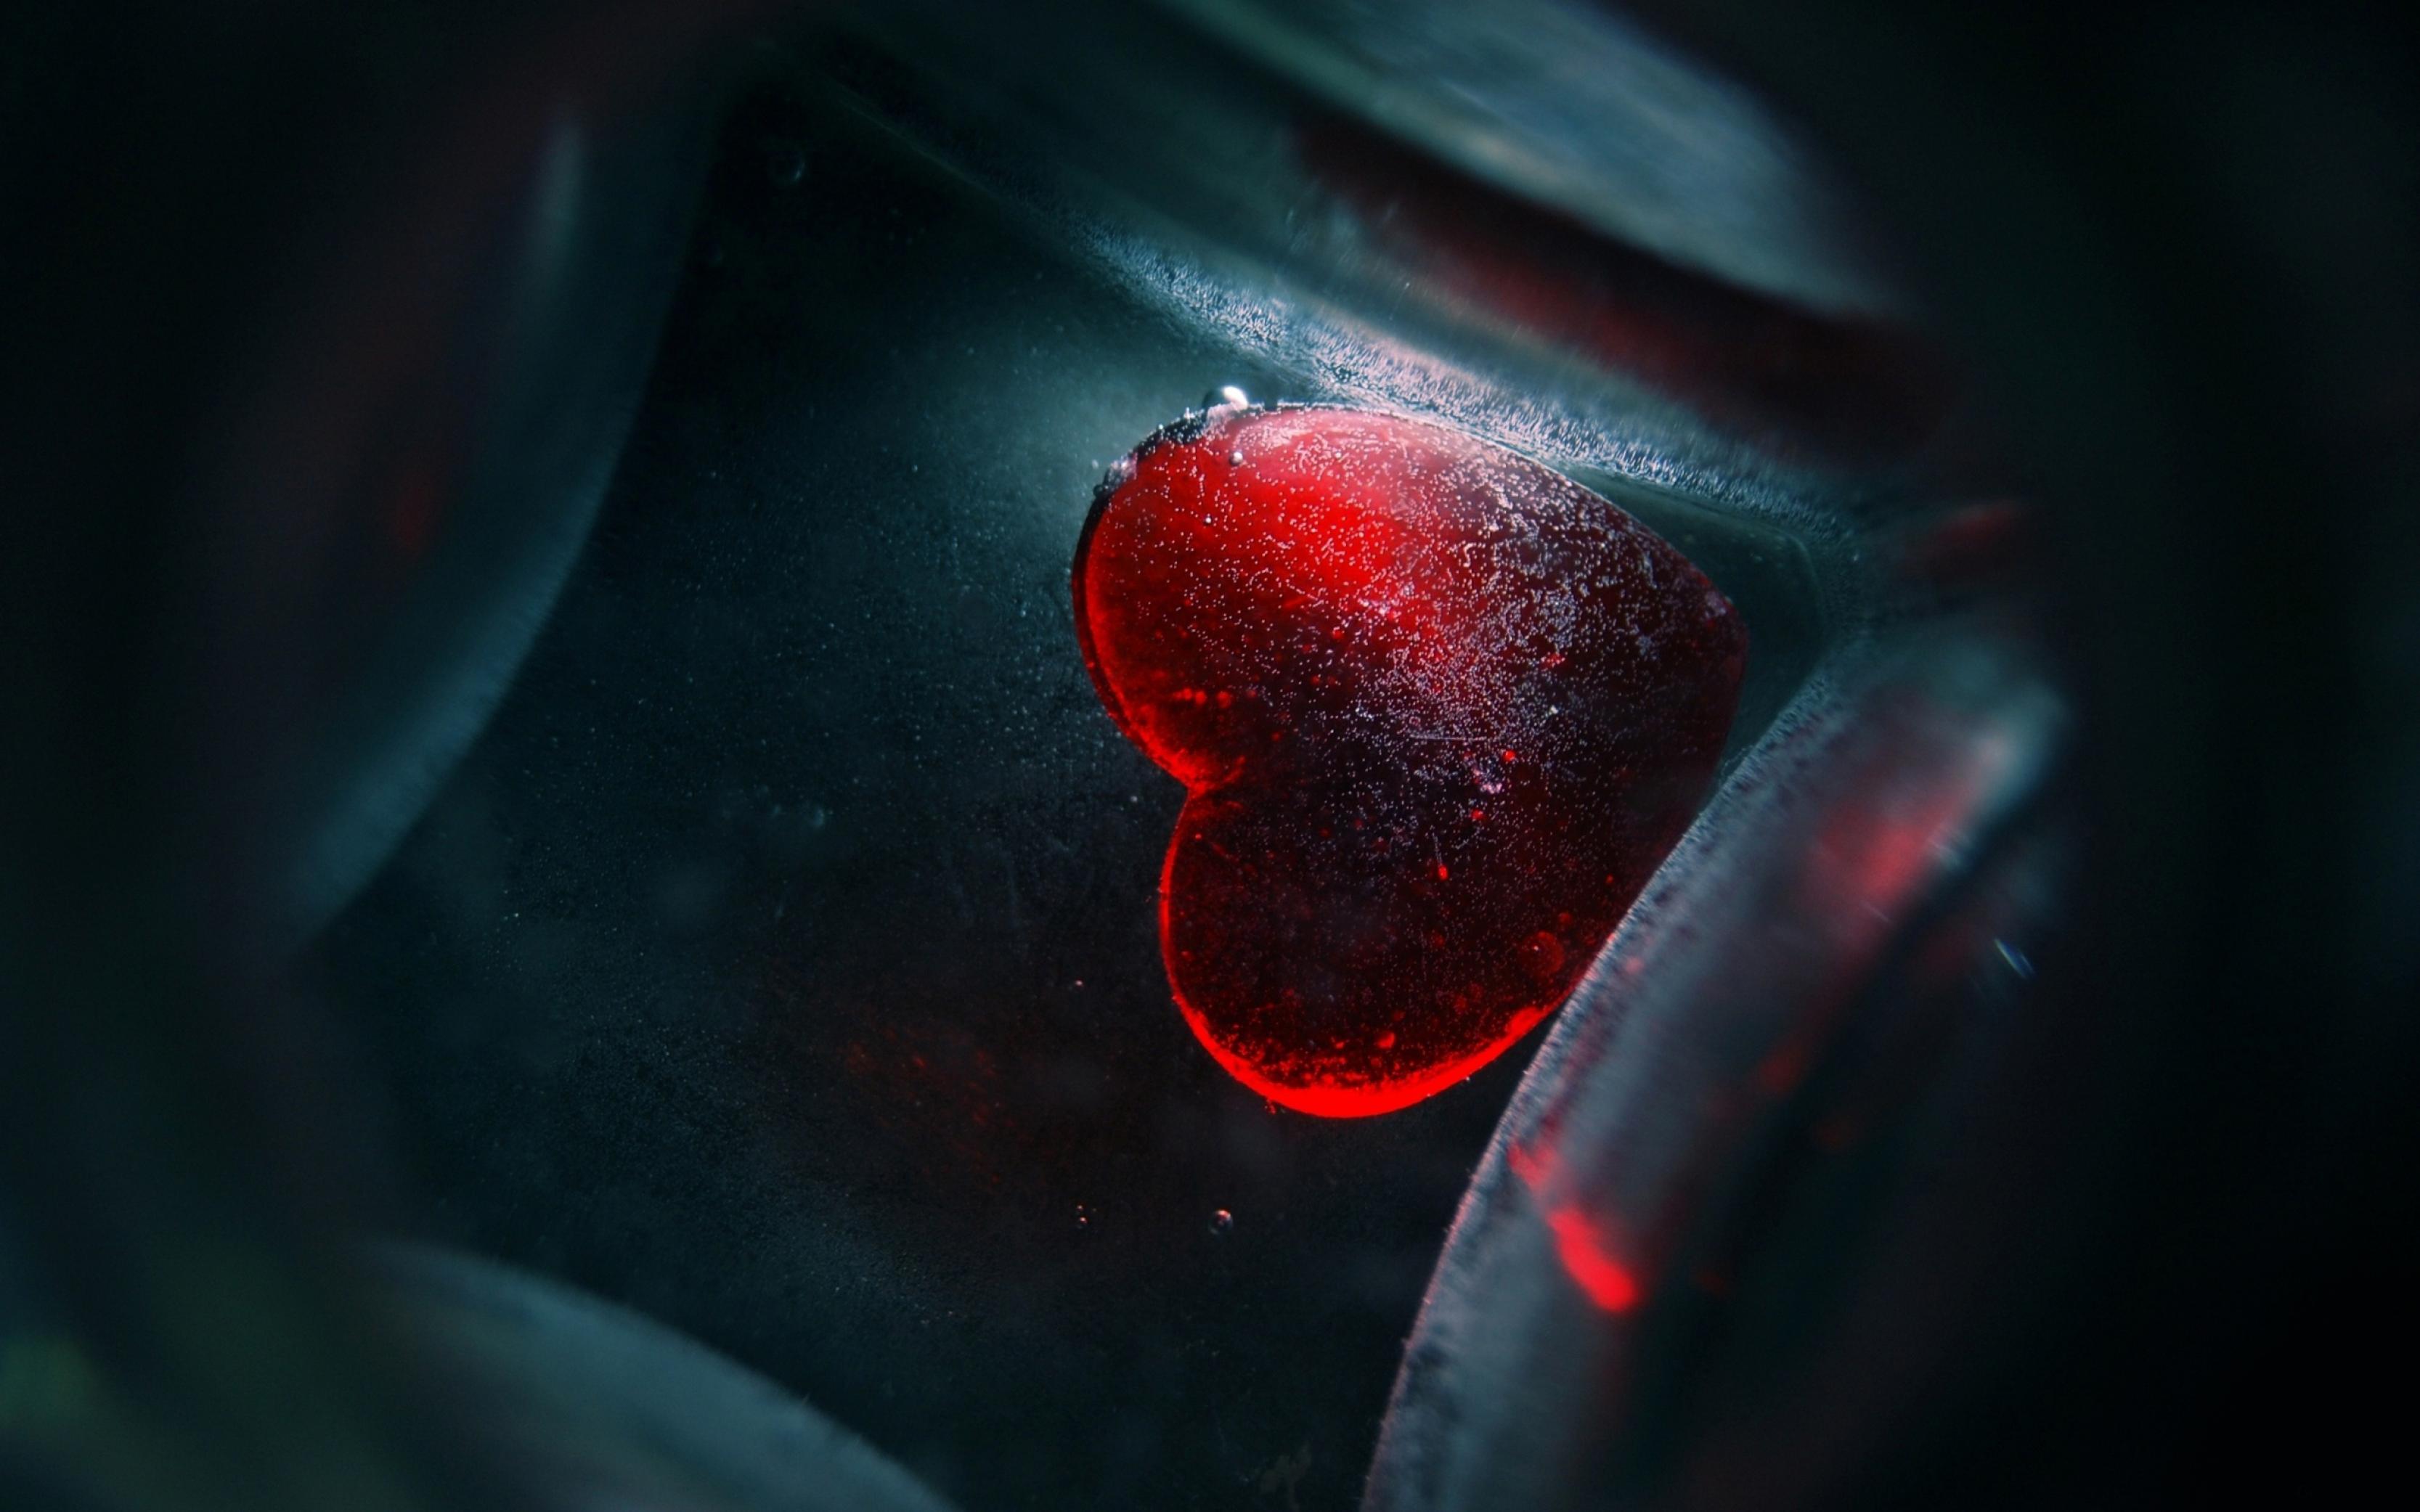 صور التهنئة بالفلانتين و الحب 3)